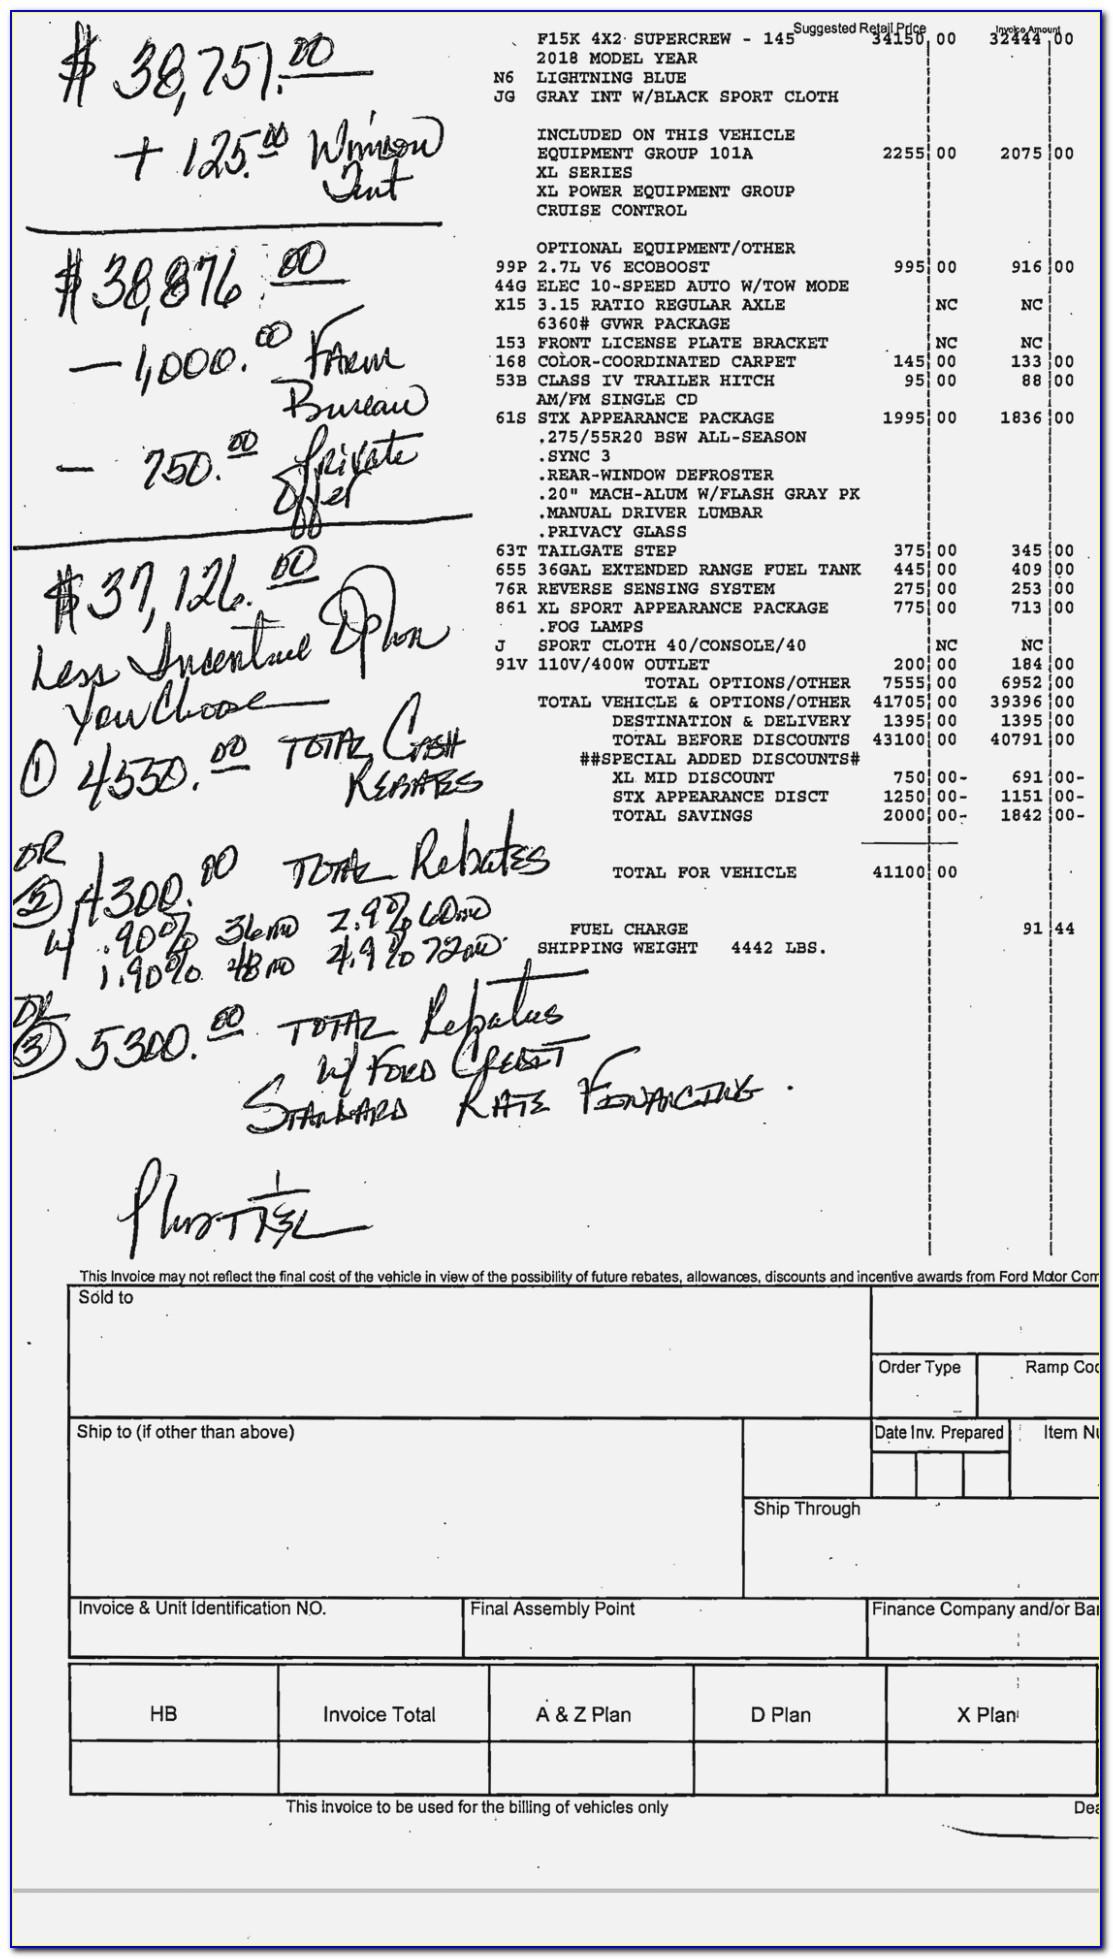 Ford Raptor Dealer Invoice